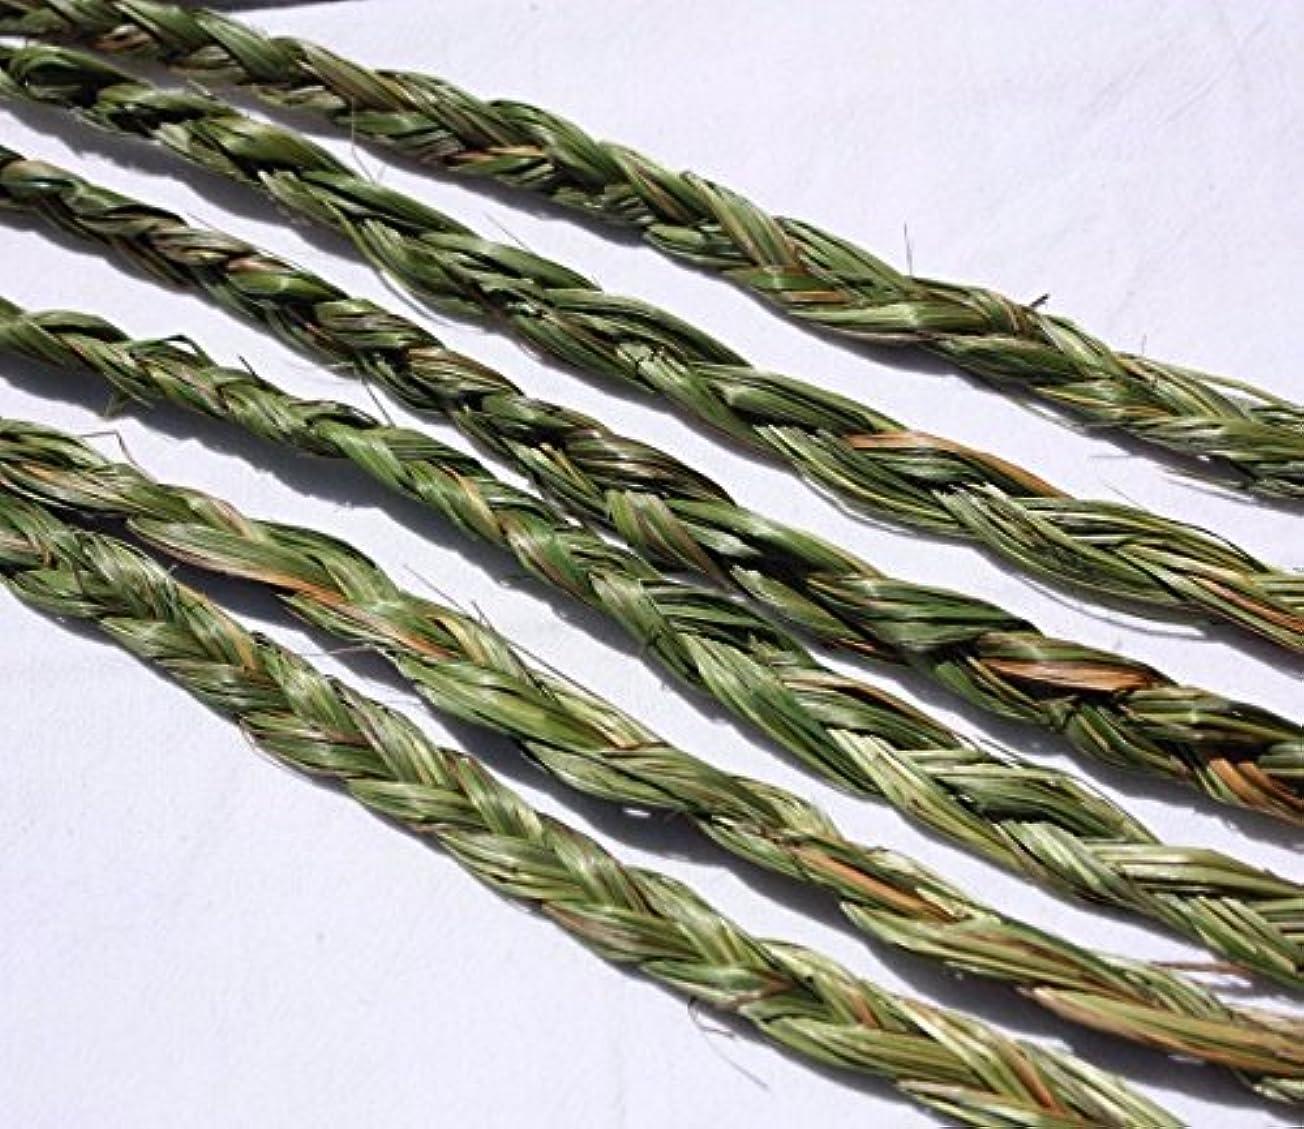 シュリンク嫌がらせ不愉快オーラVariety Braided Sweetgrass for Smudging – 20